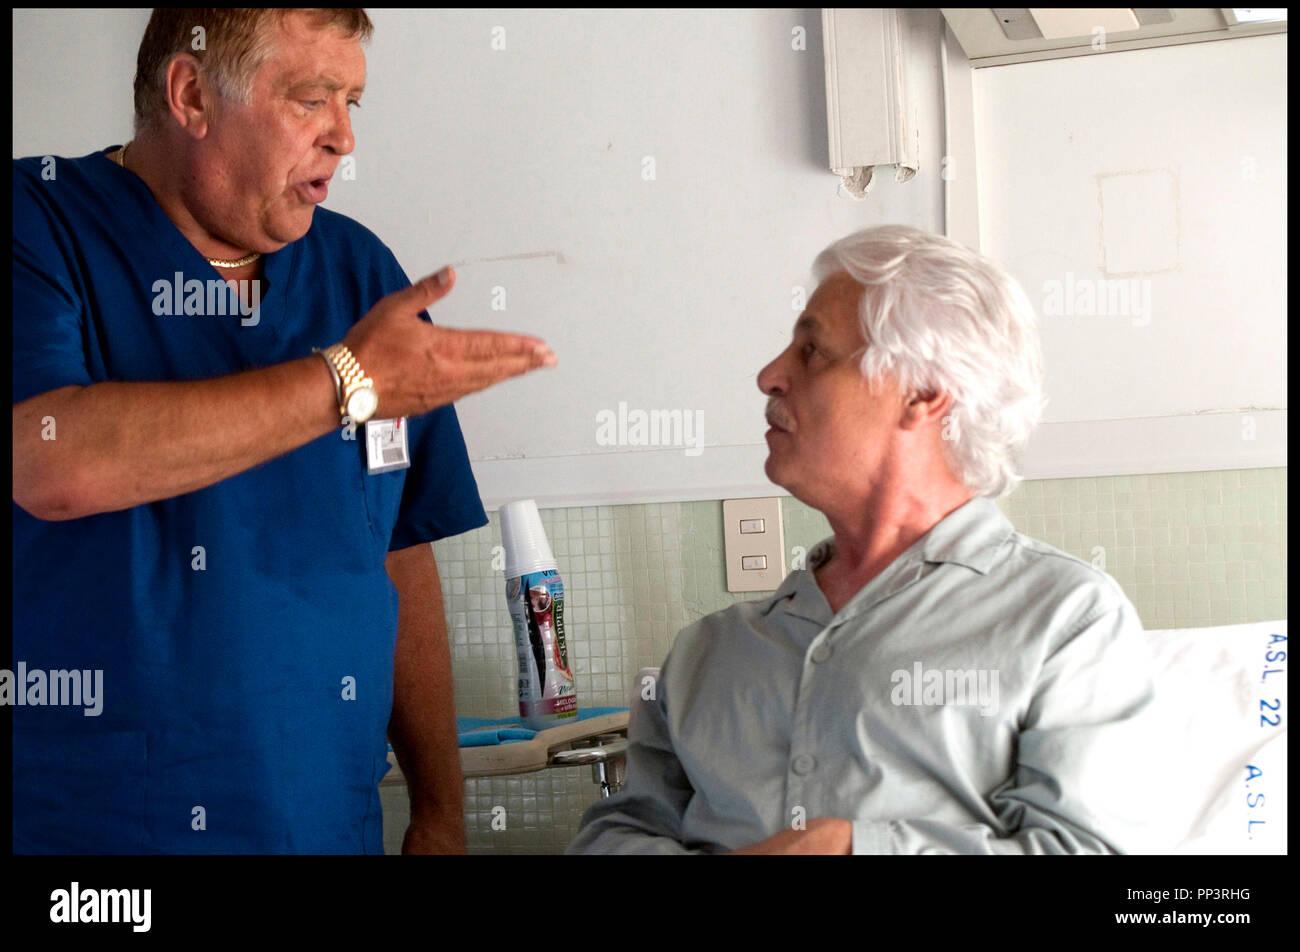 Prod DB ©Italian International Film - Rai Cinema / DR VIVA L'ITALIA de Massimiliano Bruno 2012 ITA. avec Maurizio Mattioli et Michele Placido malade, chambre d'hopital, infirmier - Stock Image